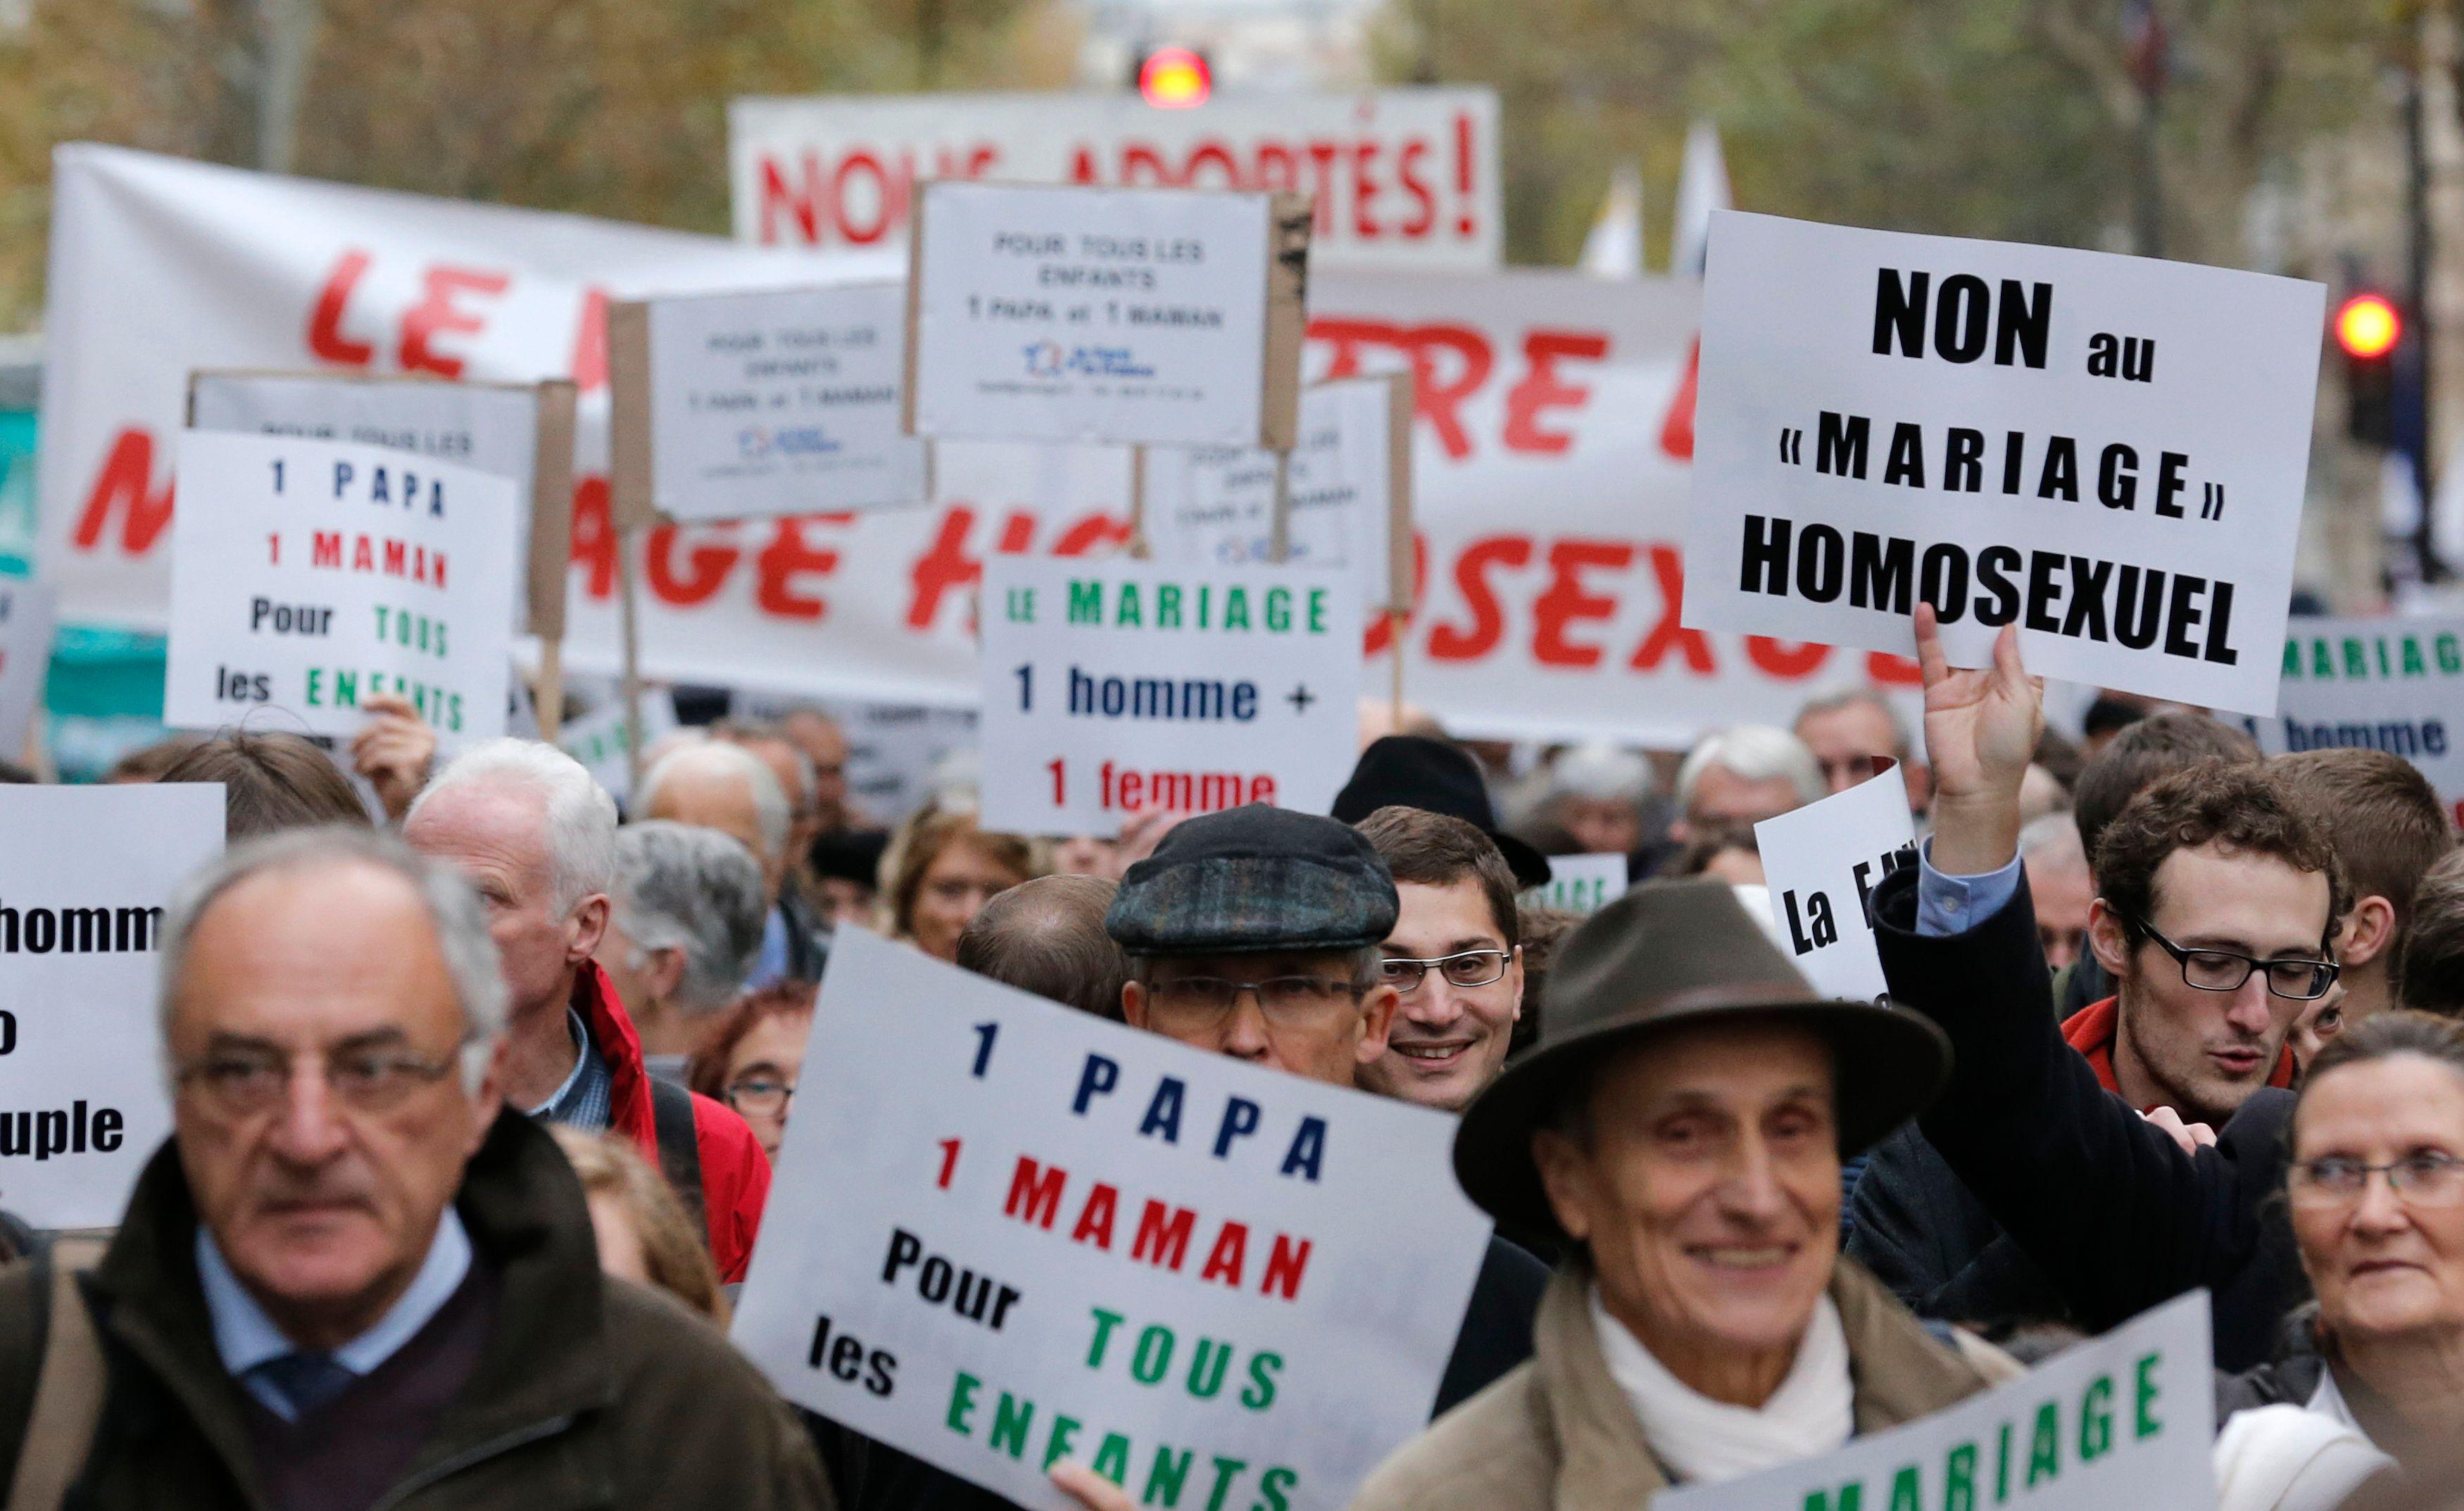 Des centaines de milliers de personnes sont attendues dimanche pour la manifestation contre le mariage homosexuel